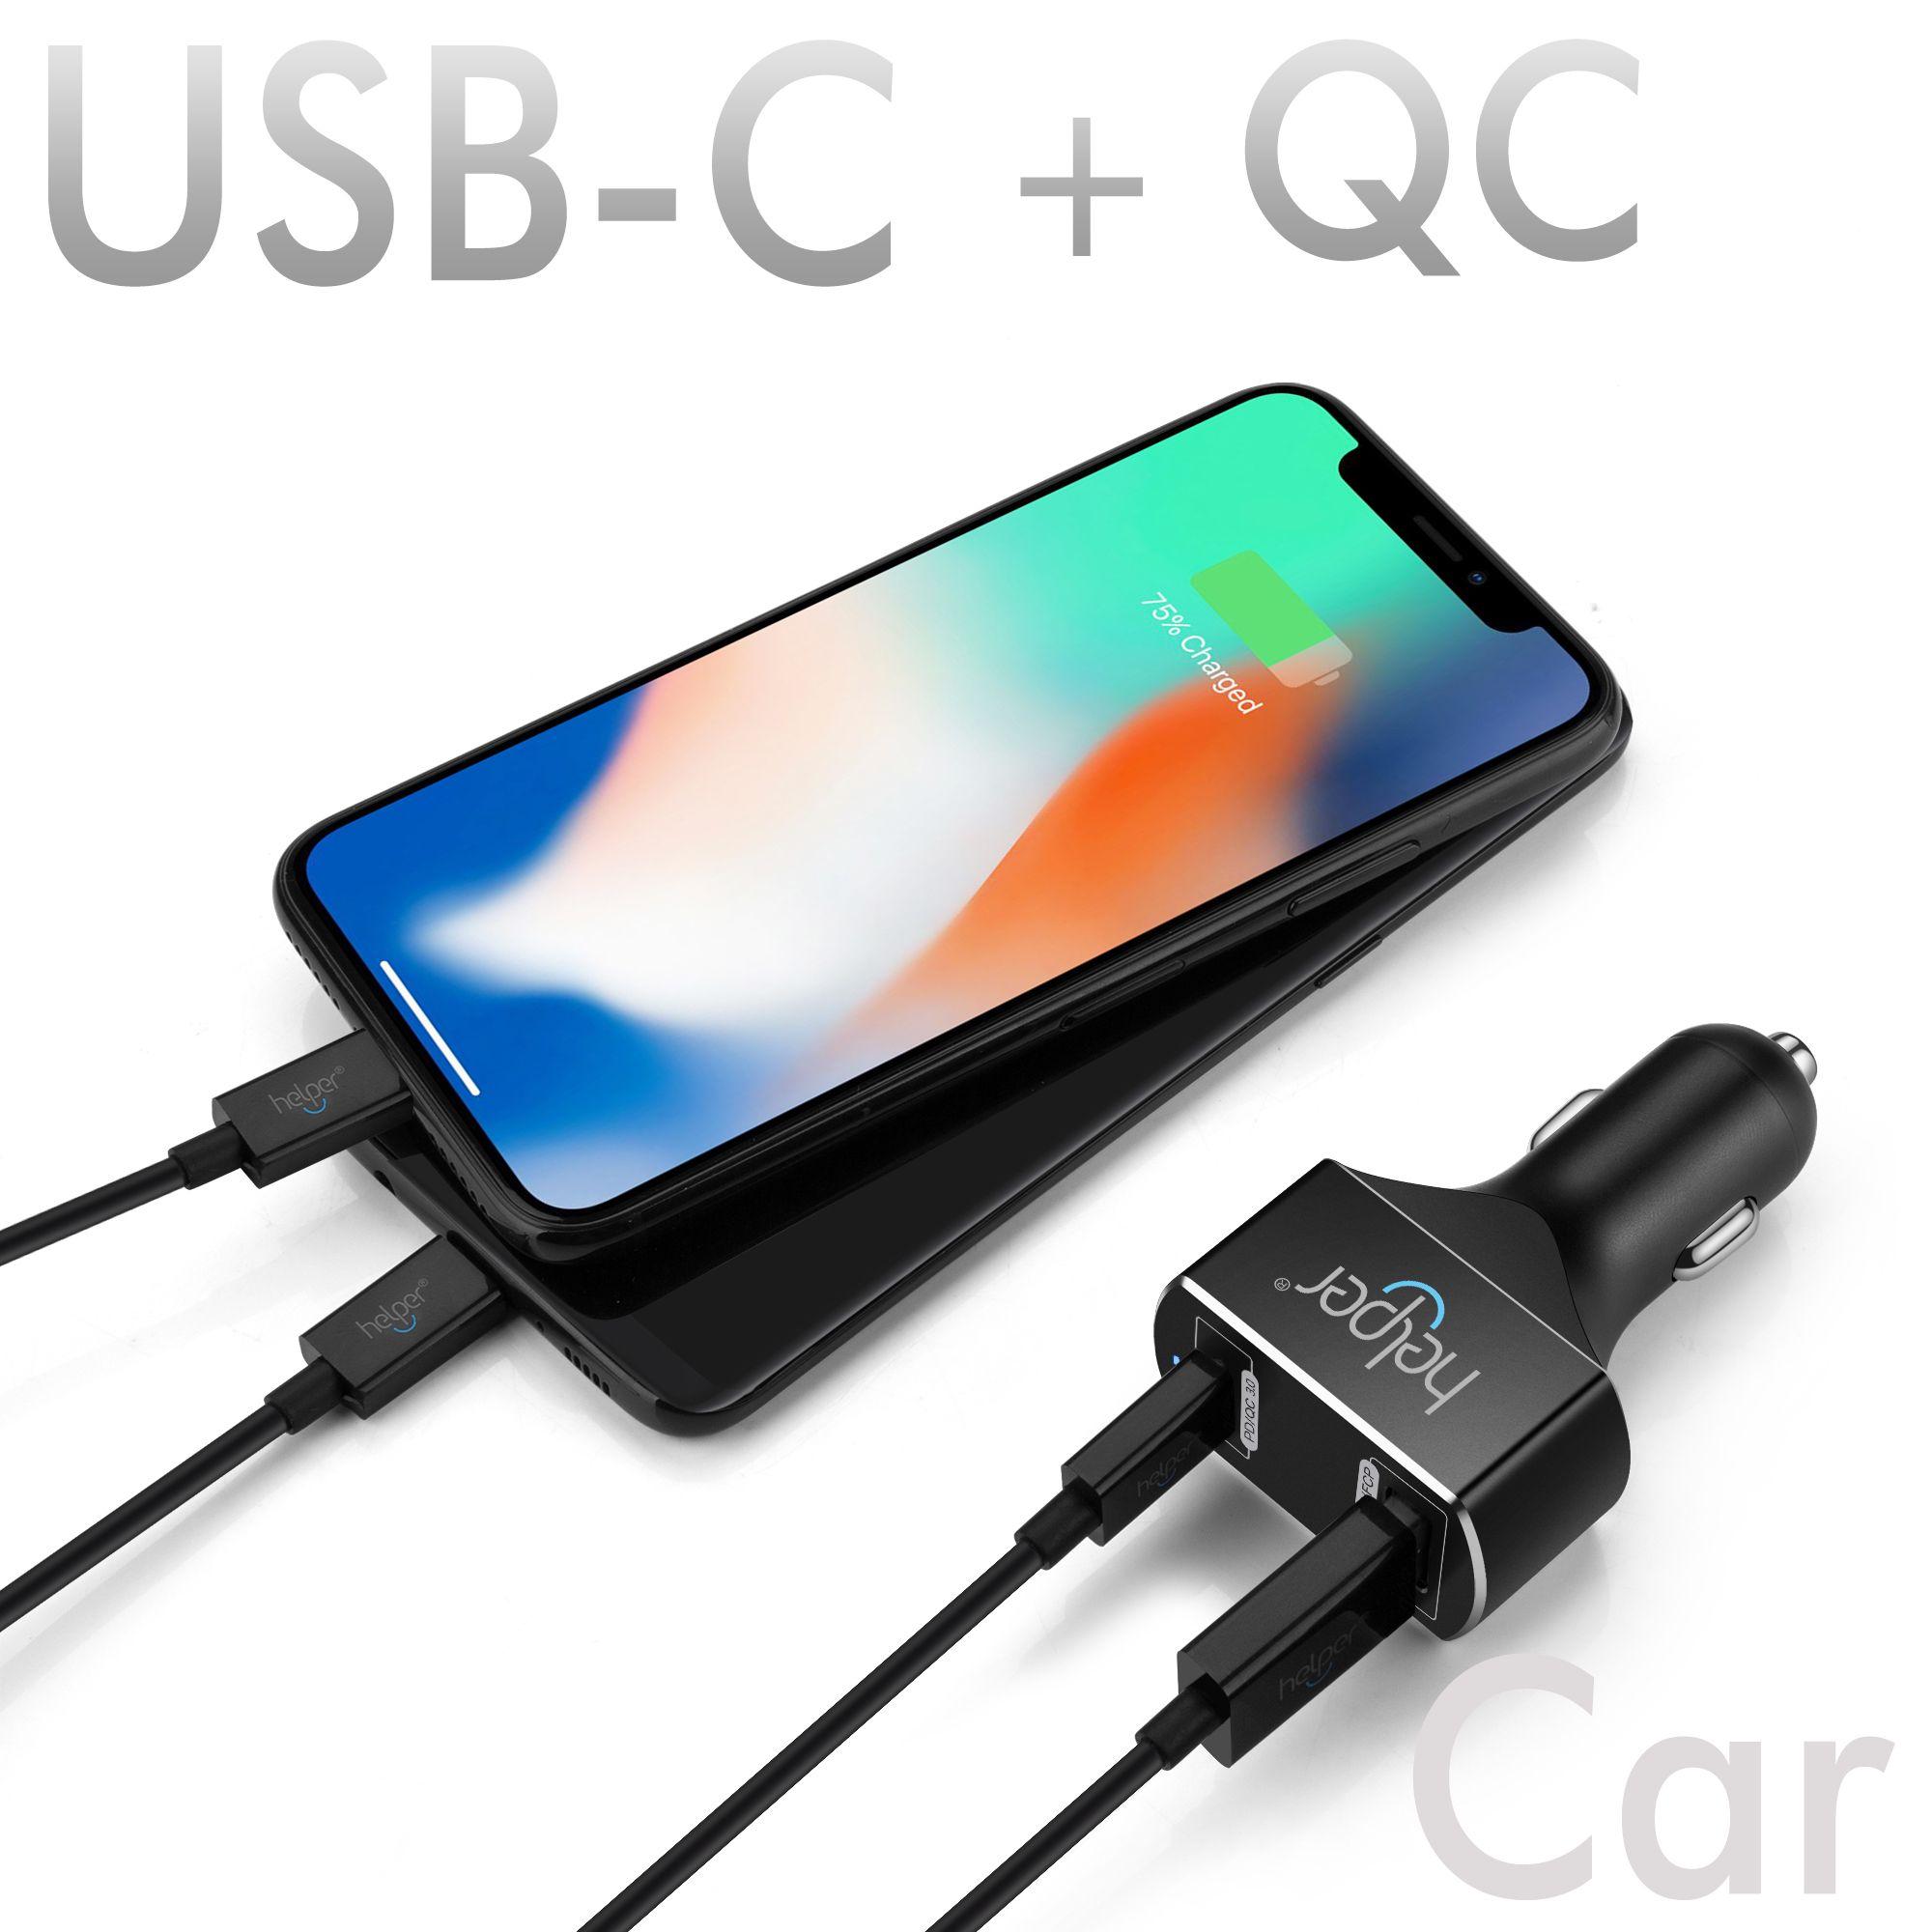 5 V 20 V USB C PD chargeur de voiture avec La Livraison de Puissance 45 W charge rapide 3.0 USB-C 18 W QC3.0 USB chargeur de voiture adaptateur pour ordinateur portable Portable